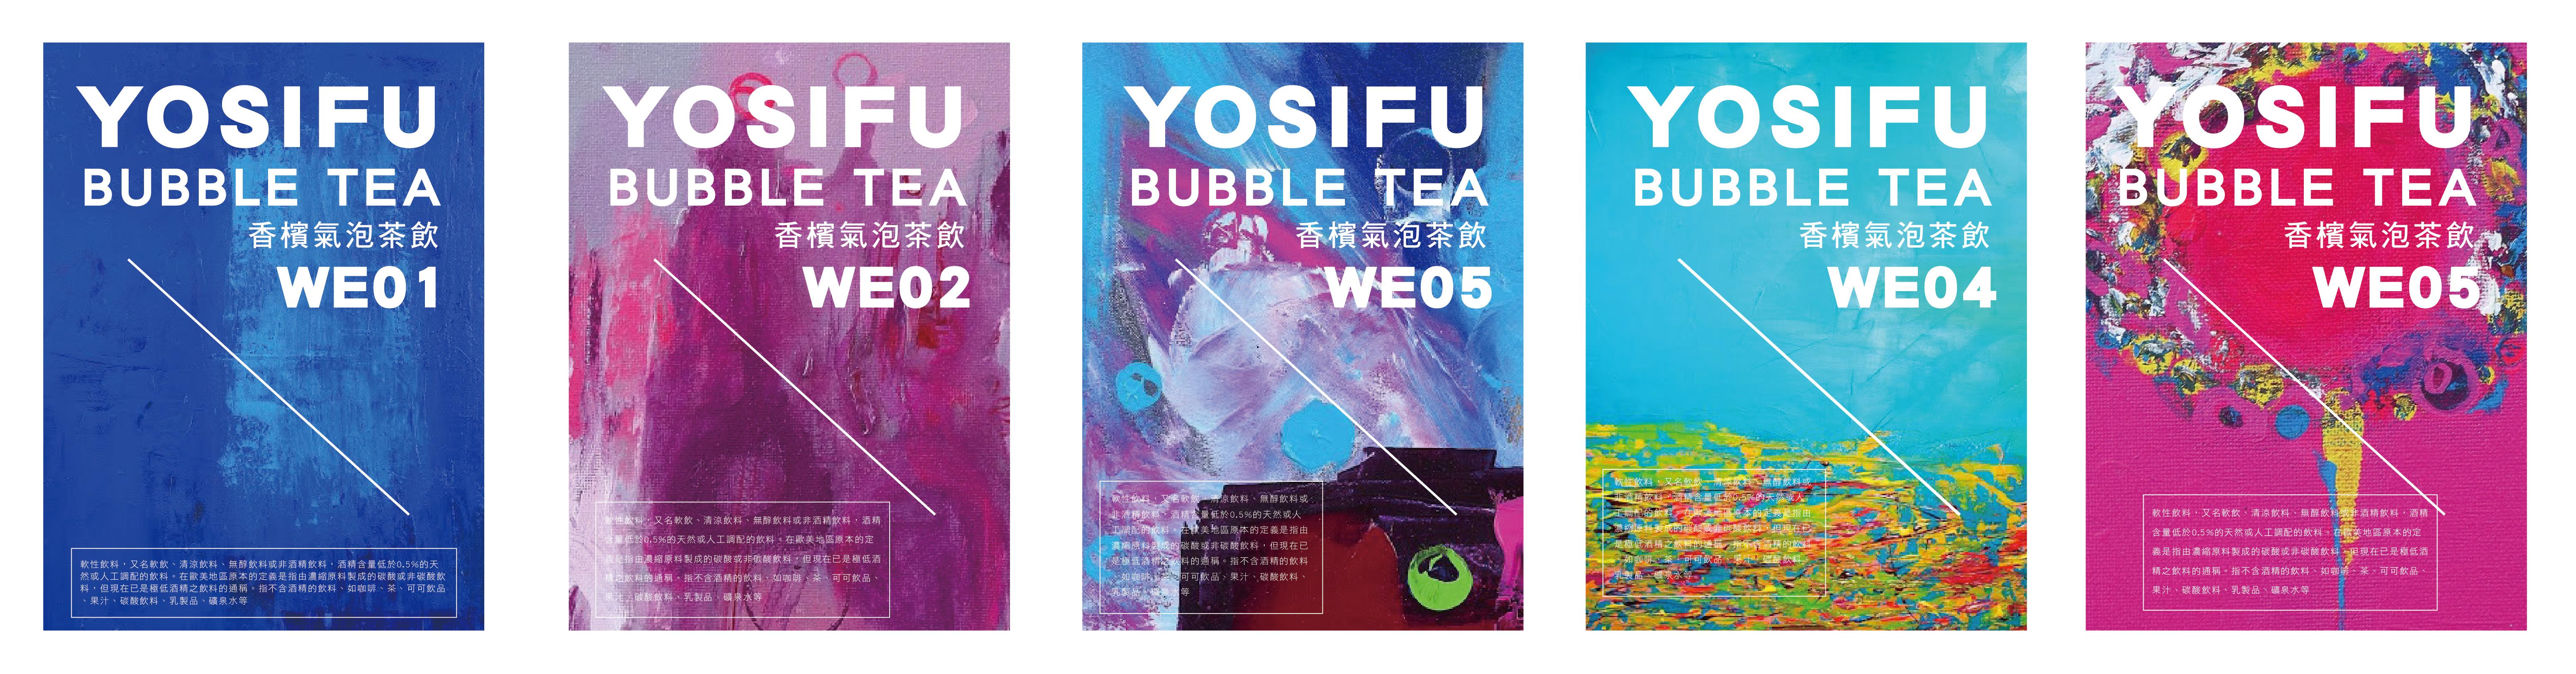 氣泡茶飲-瓶身貼紙-11